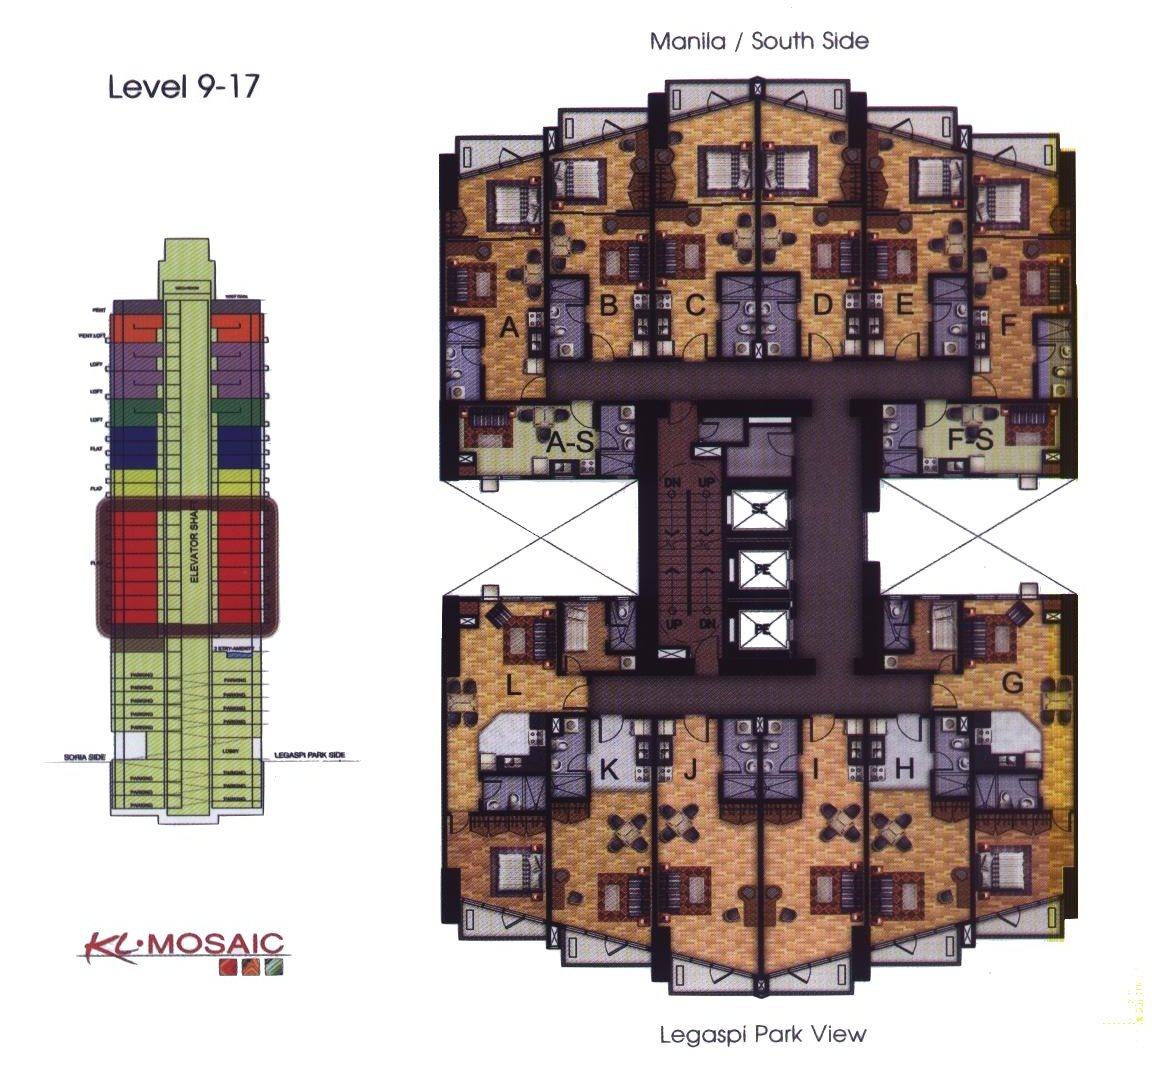 Kl mosaic condominium makati philippines for Condo blueprints